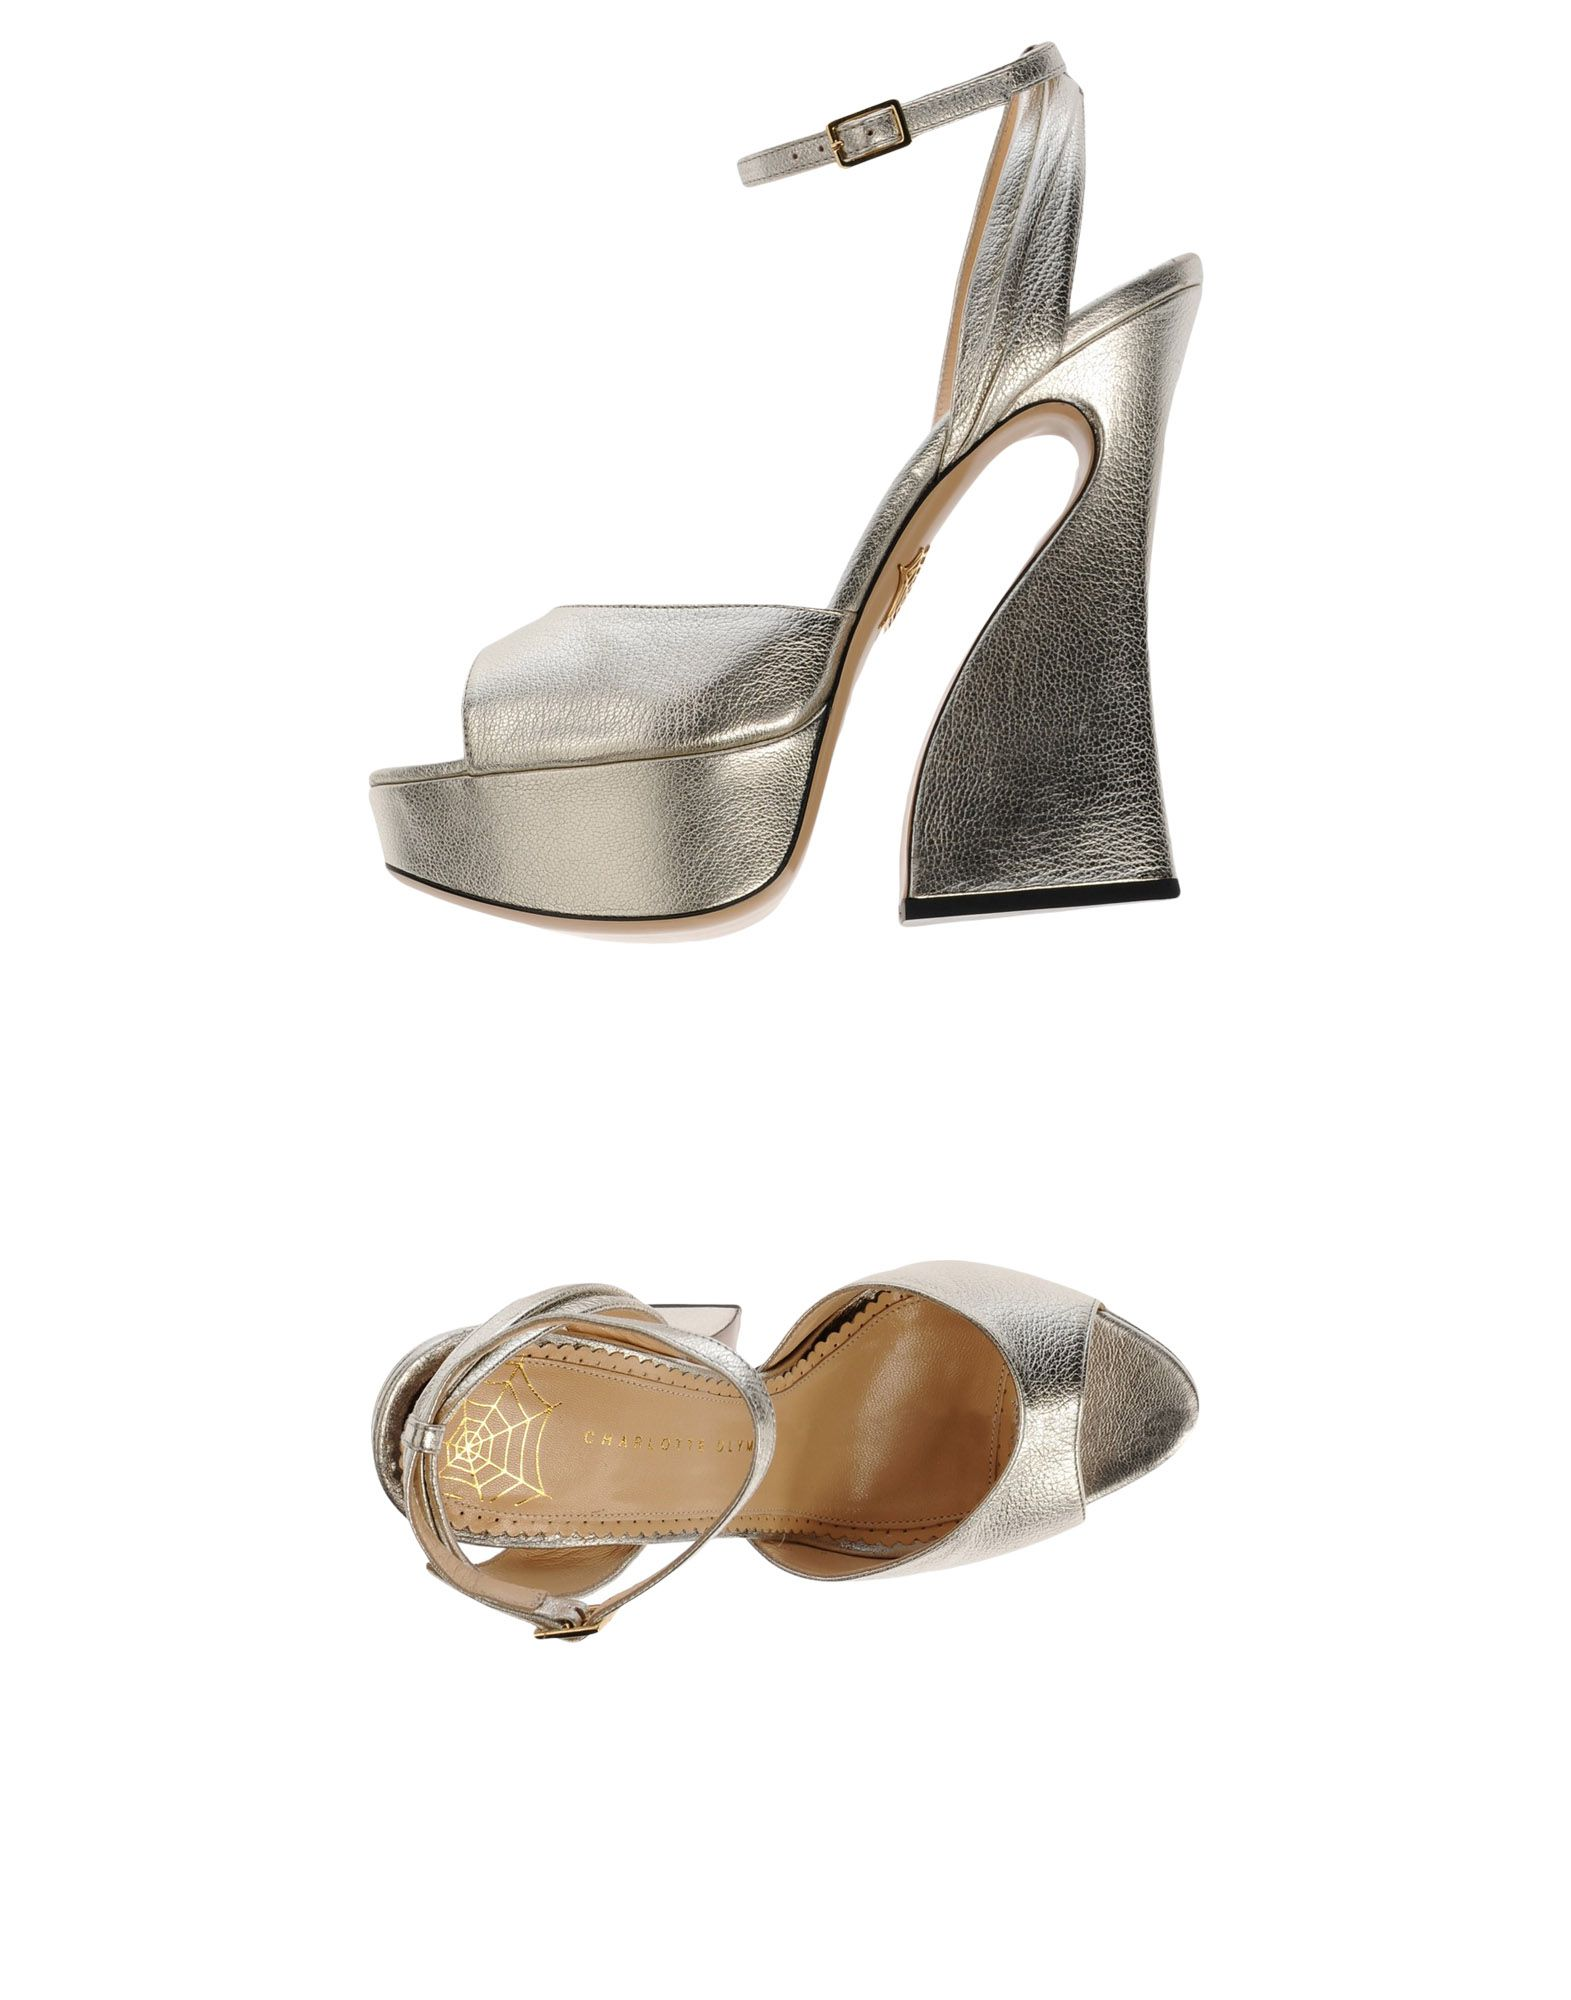 Charlotte Olympia Sandalen Damen  11487301AUGut aussehende strapazierfähige Schuhe